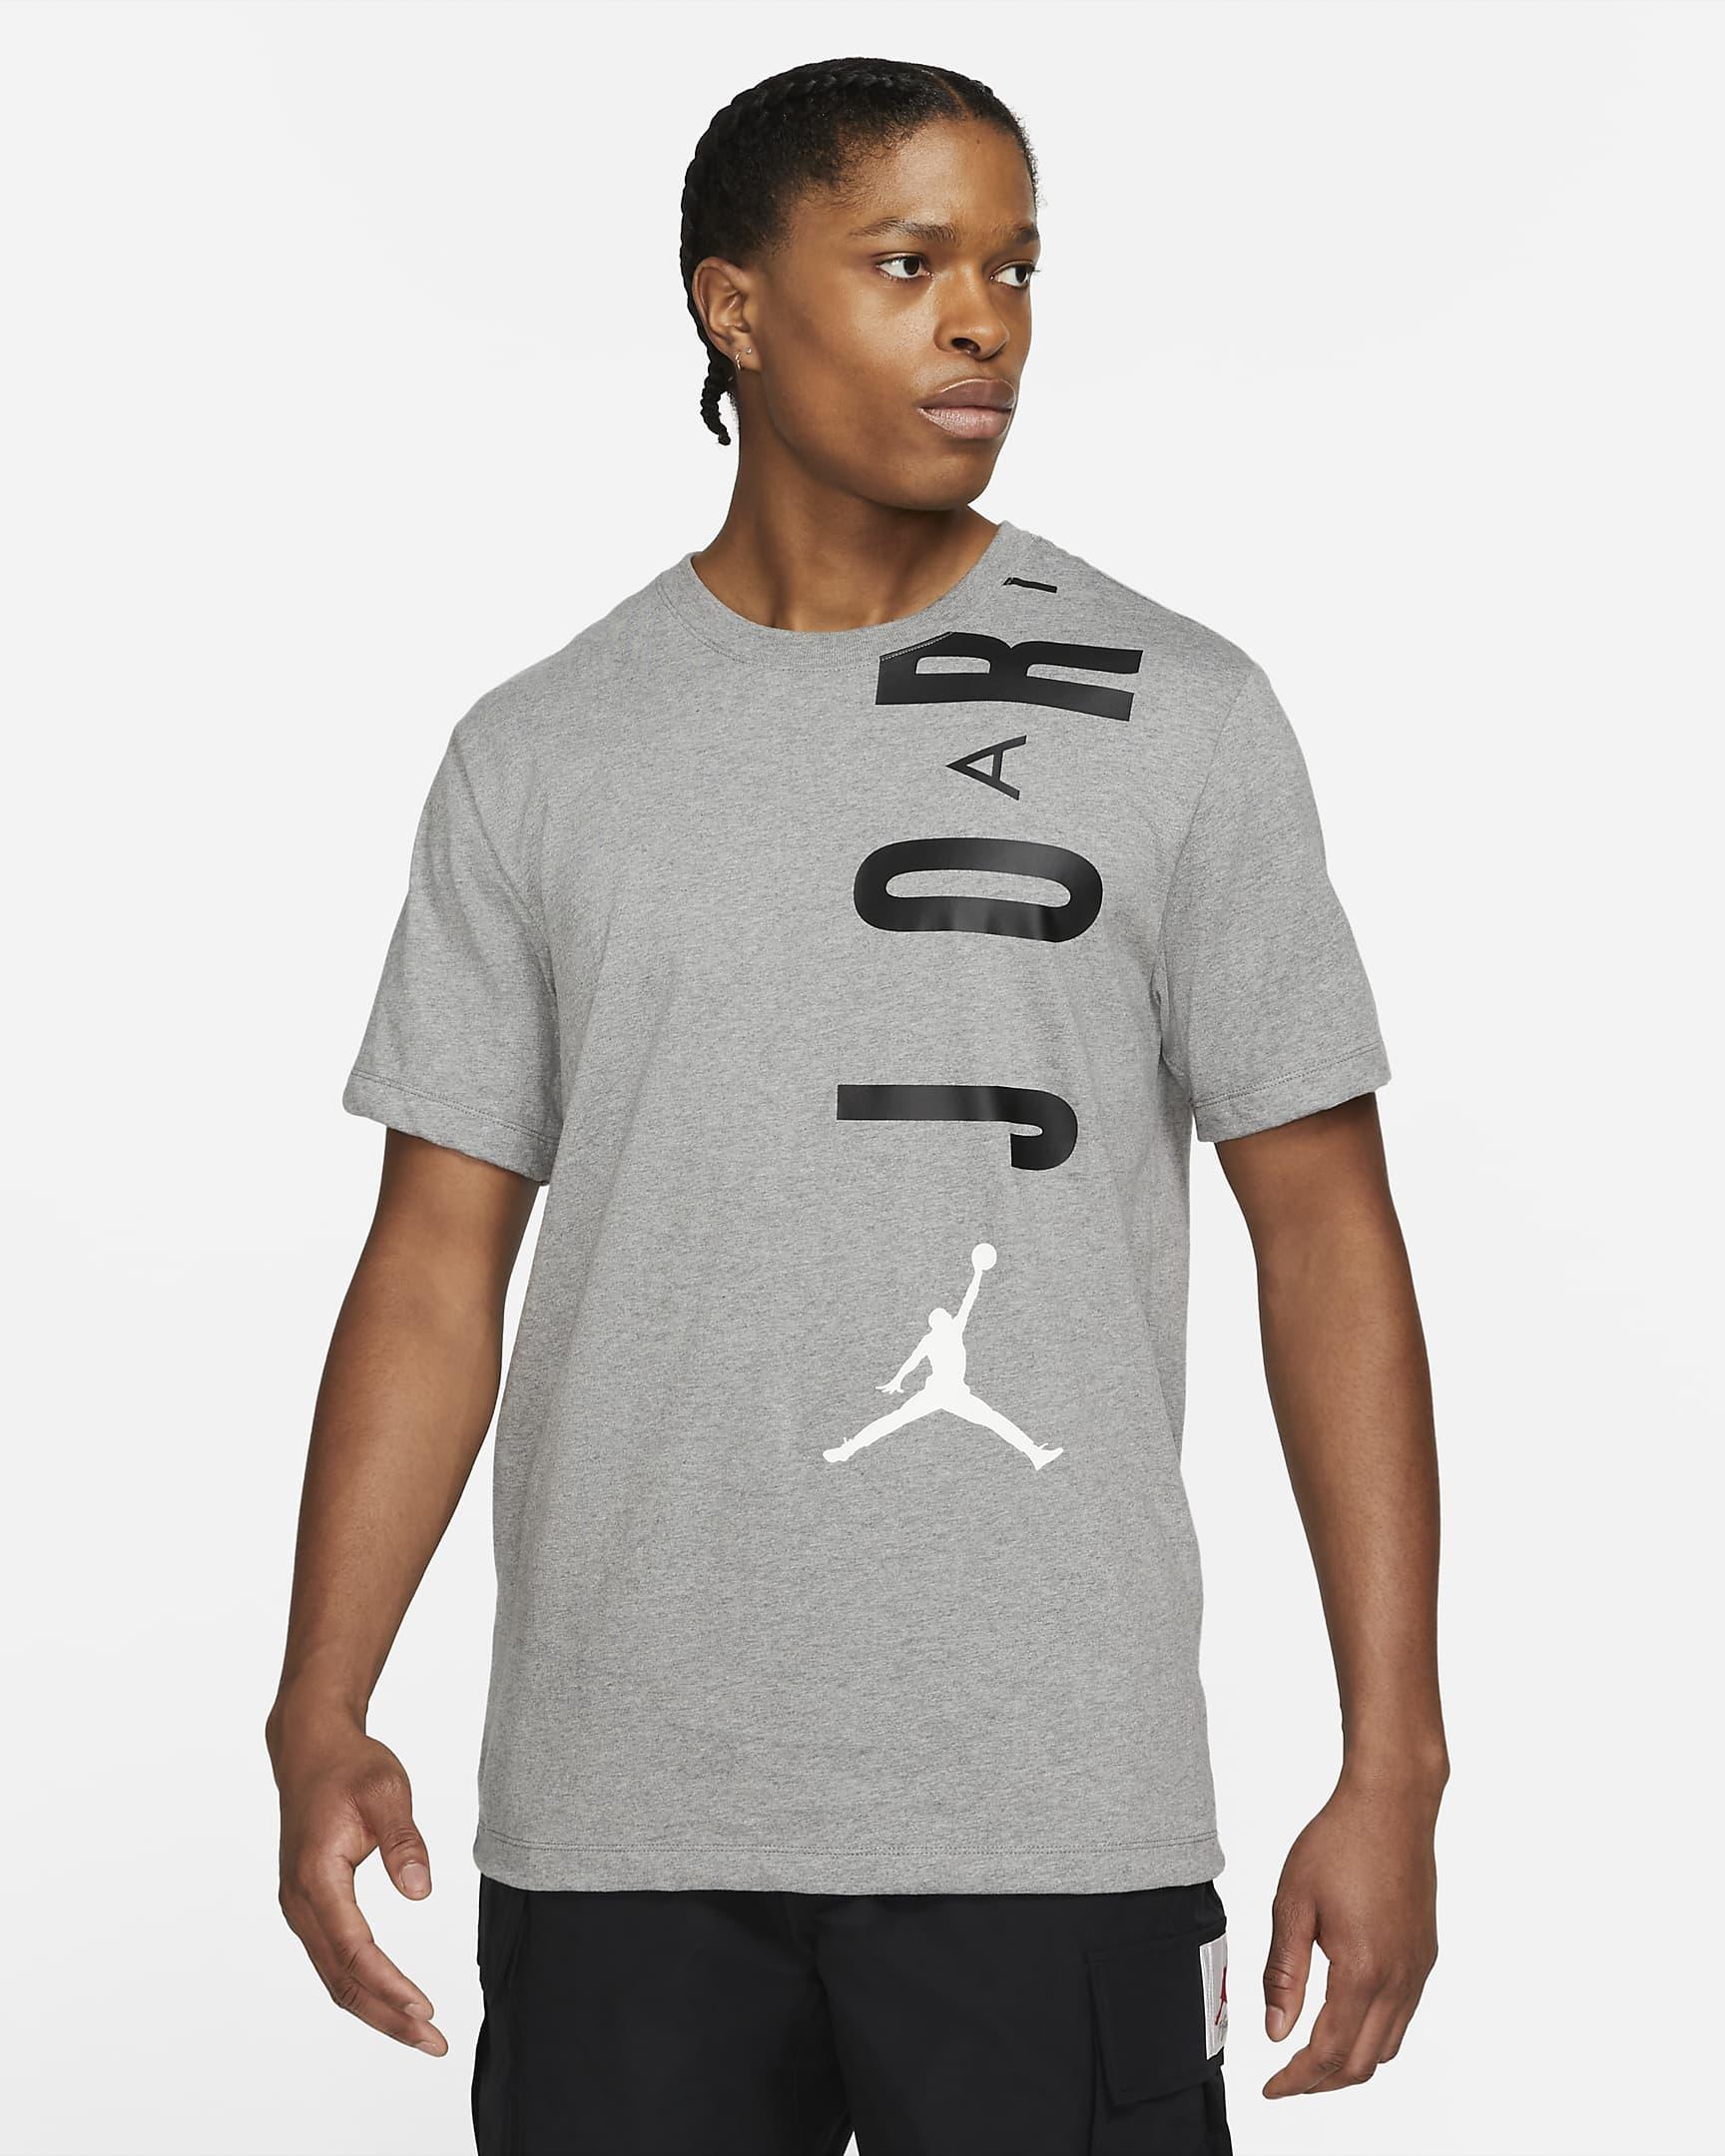 jordan-air-mens-short-sleeve-t-shirt-4hsmdX.png